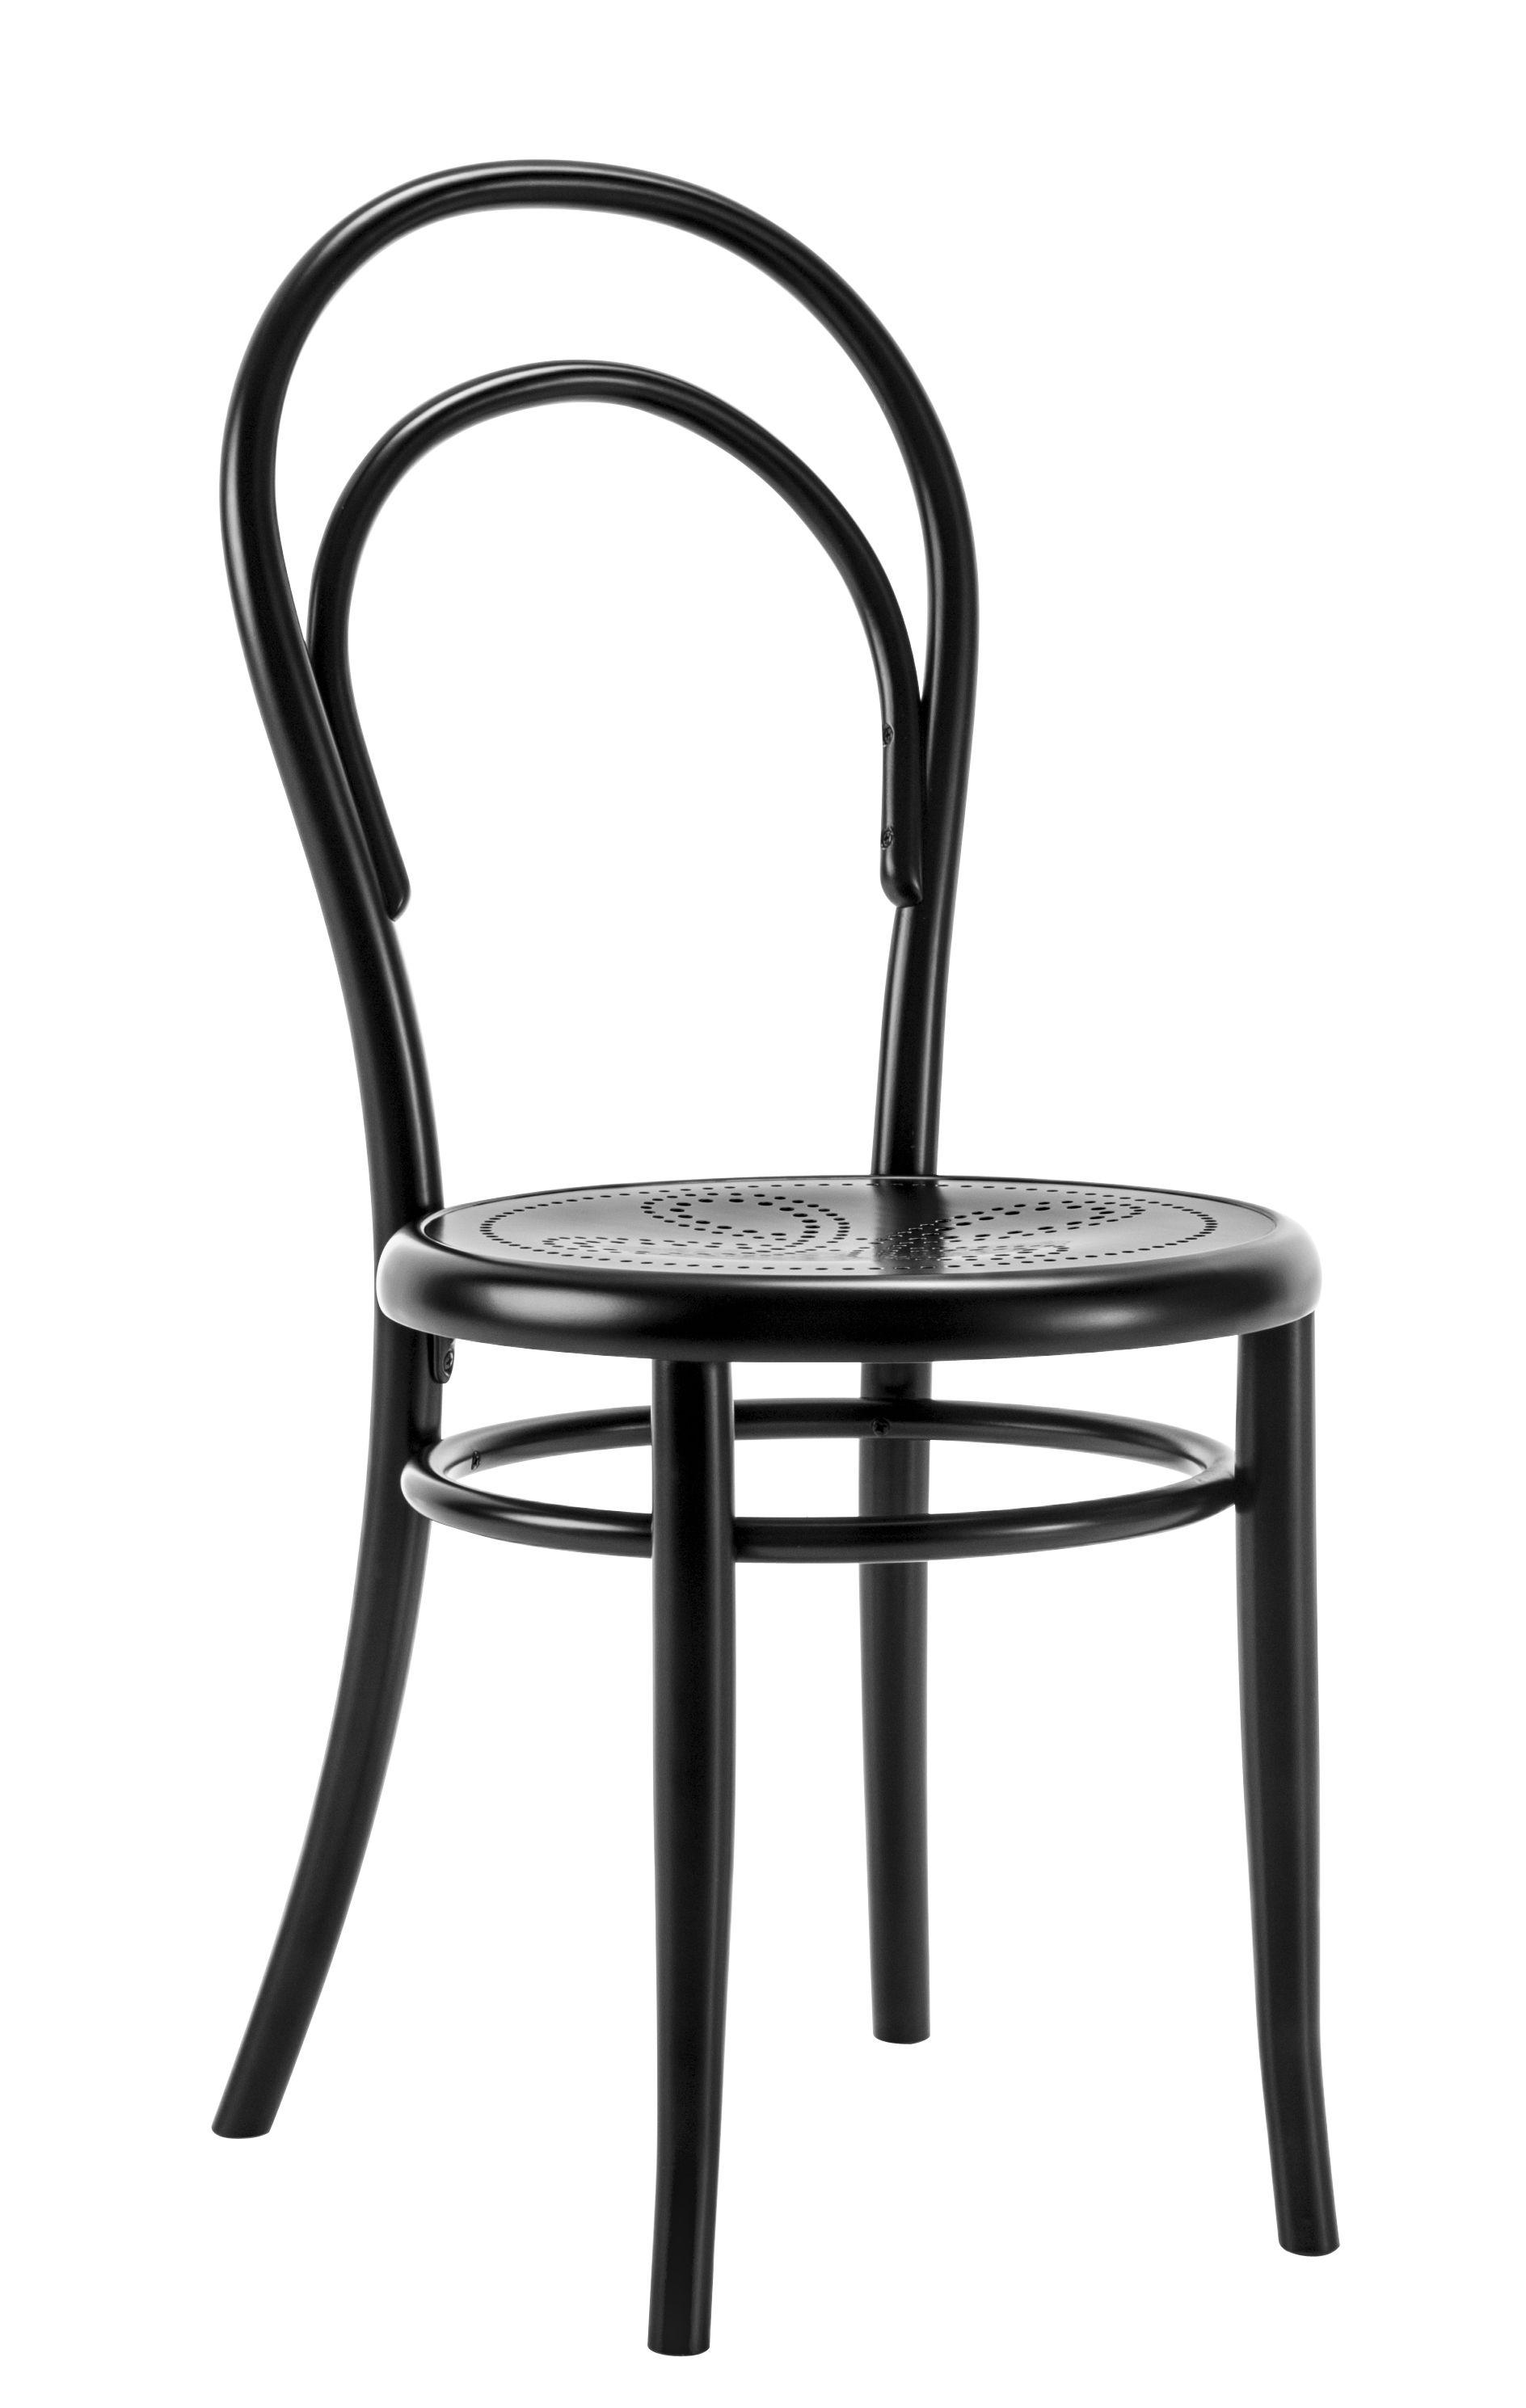 Mobilier - Chaises, fauteuils de salle à manger - Chaise N° 14 / Assise perforée - Réédition 1860 - Wiener GTV Design - Assise perforée / Noir - Contreplaqué de hêtre perforé, Hêtre massif cintré